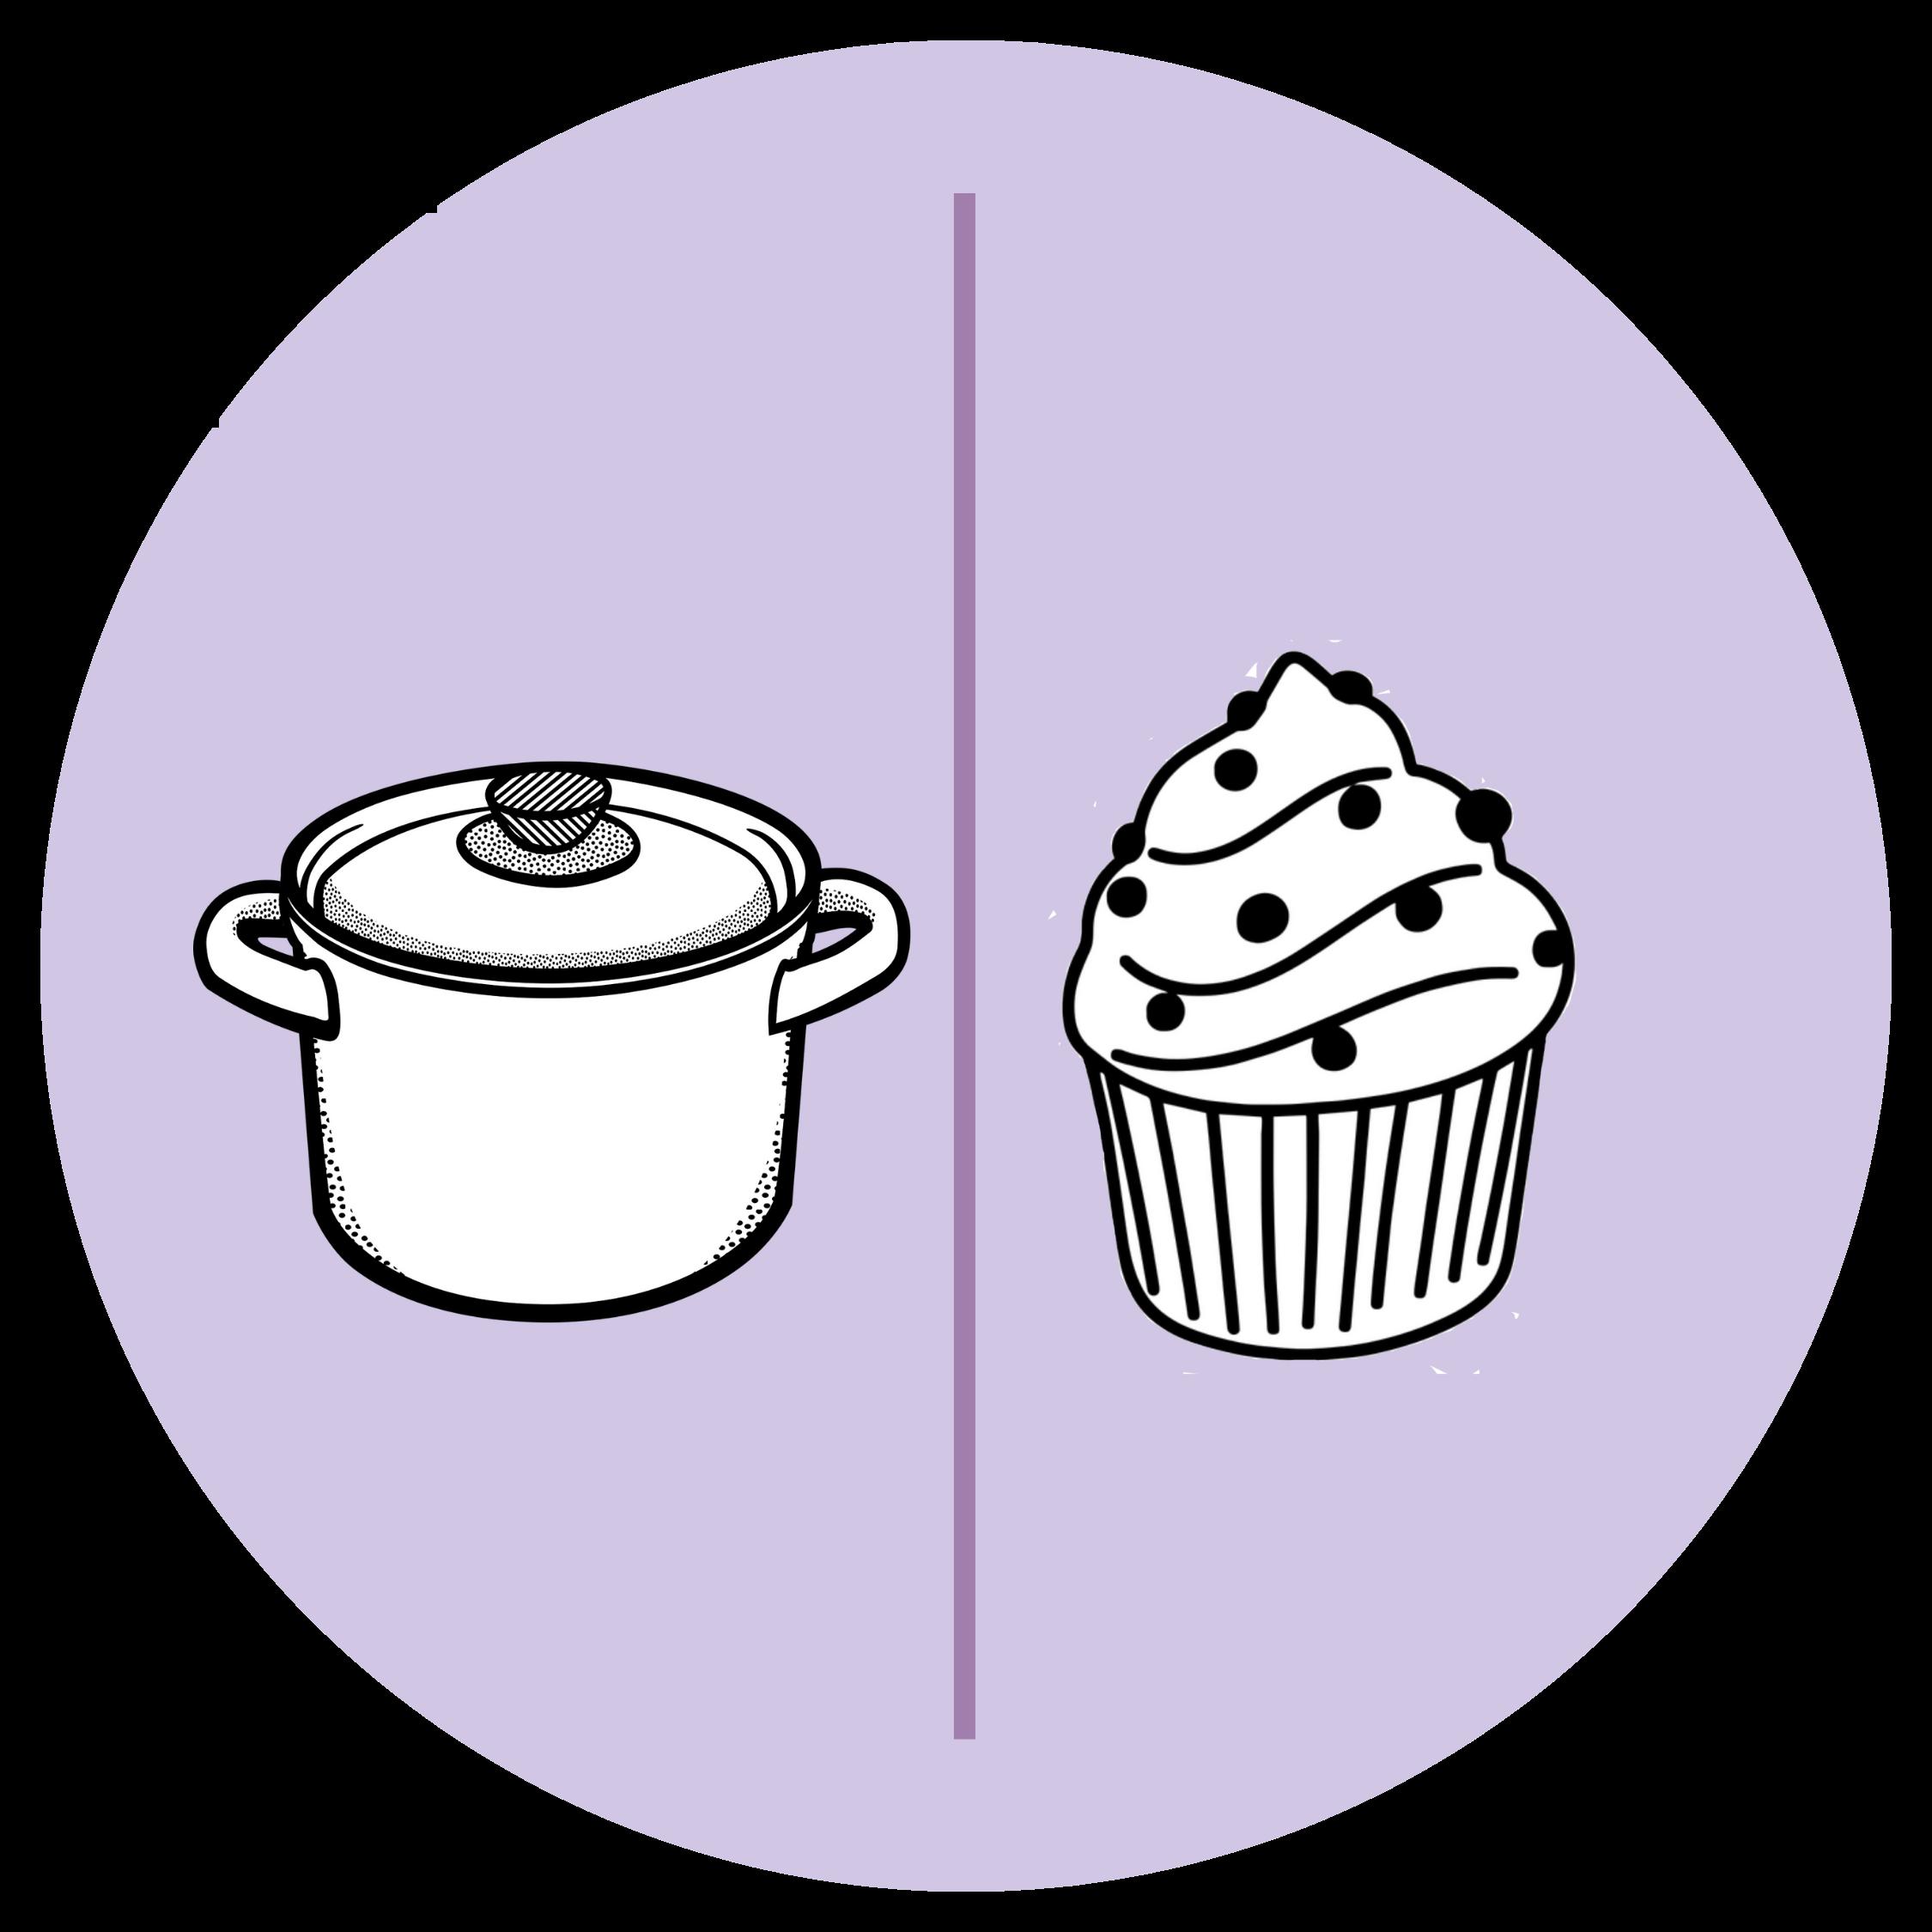 Lila Kreis, darauf weißer Kochtopf als Zeichnung und weißer Cupcake als Zeichnung